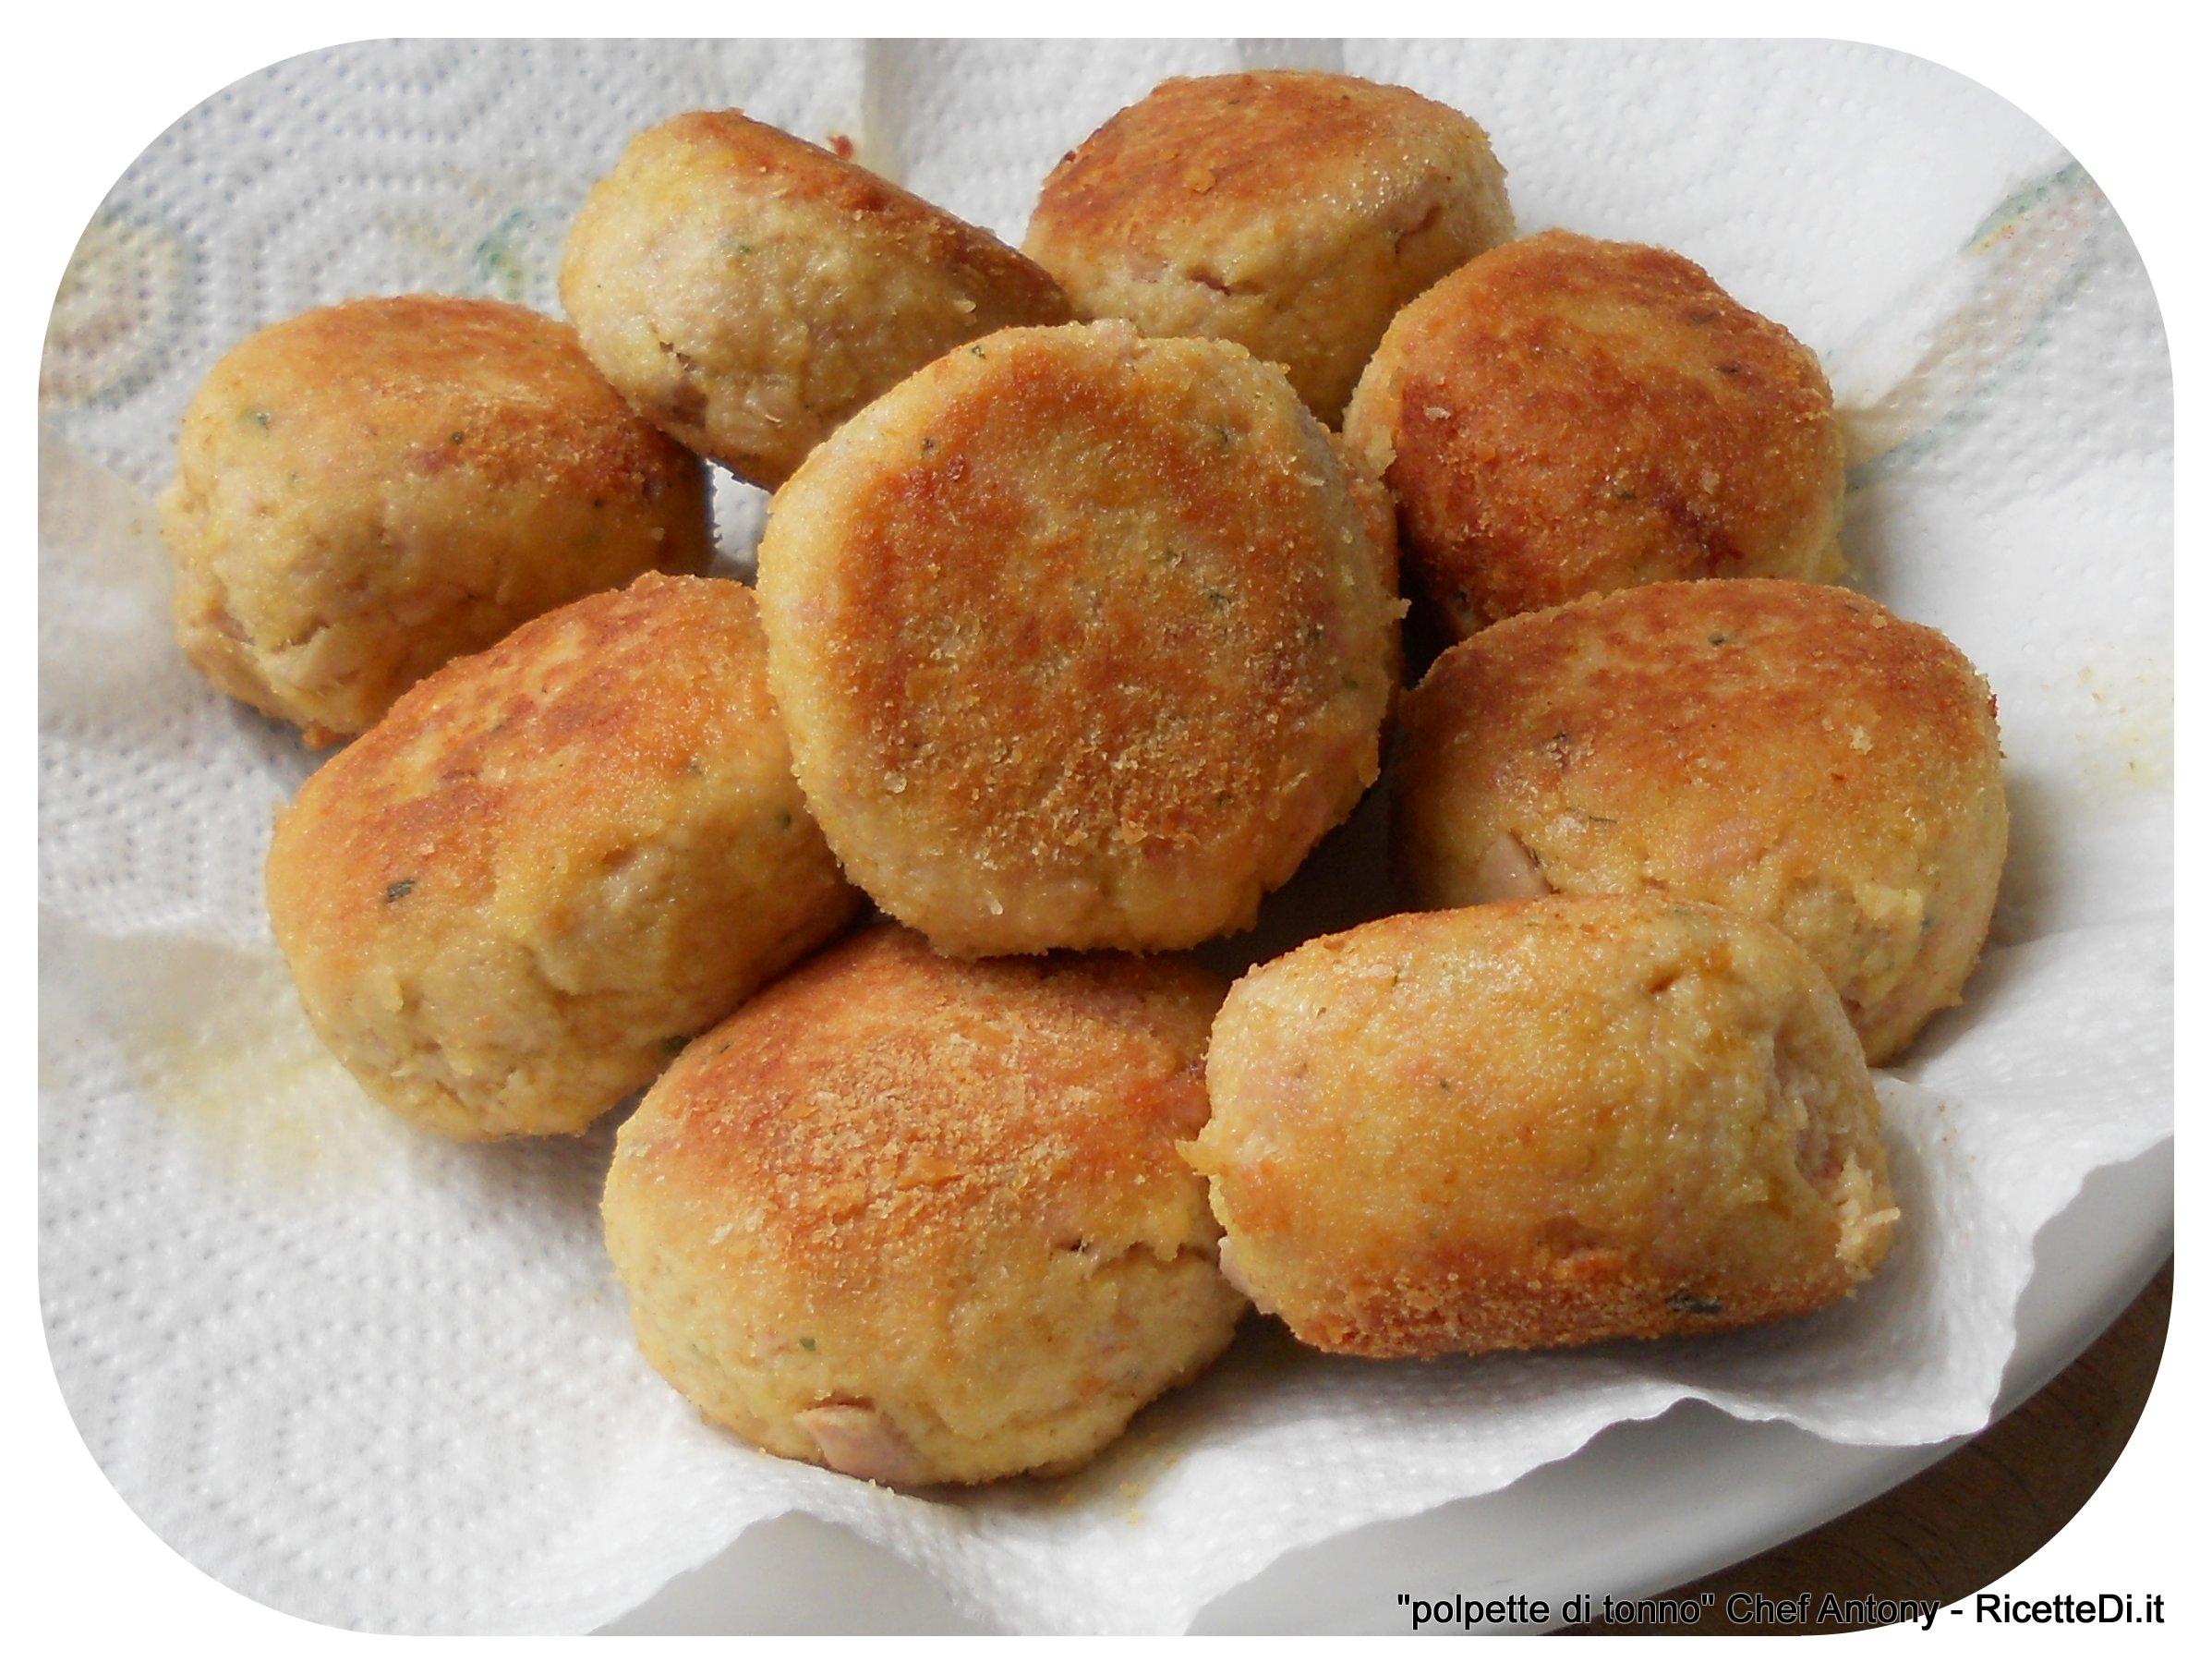 Zeppole di san giuseppe al forno pagina 21 di 64 - Cucinare tonno fresco ...